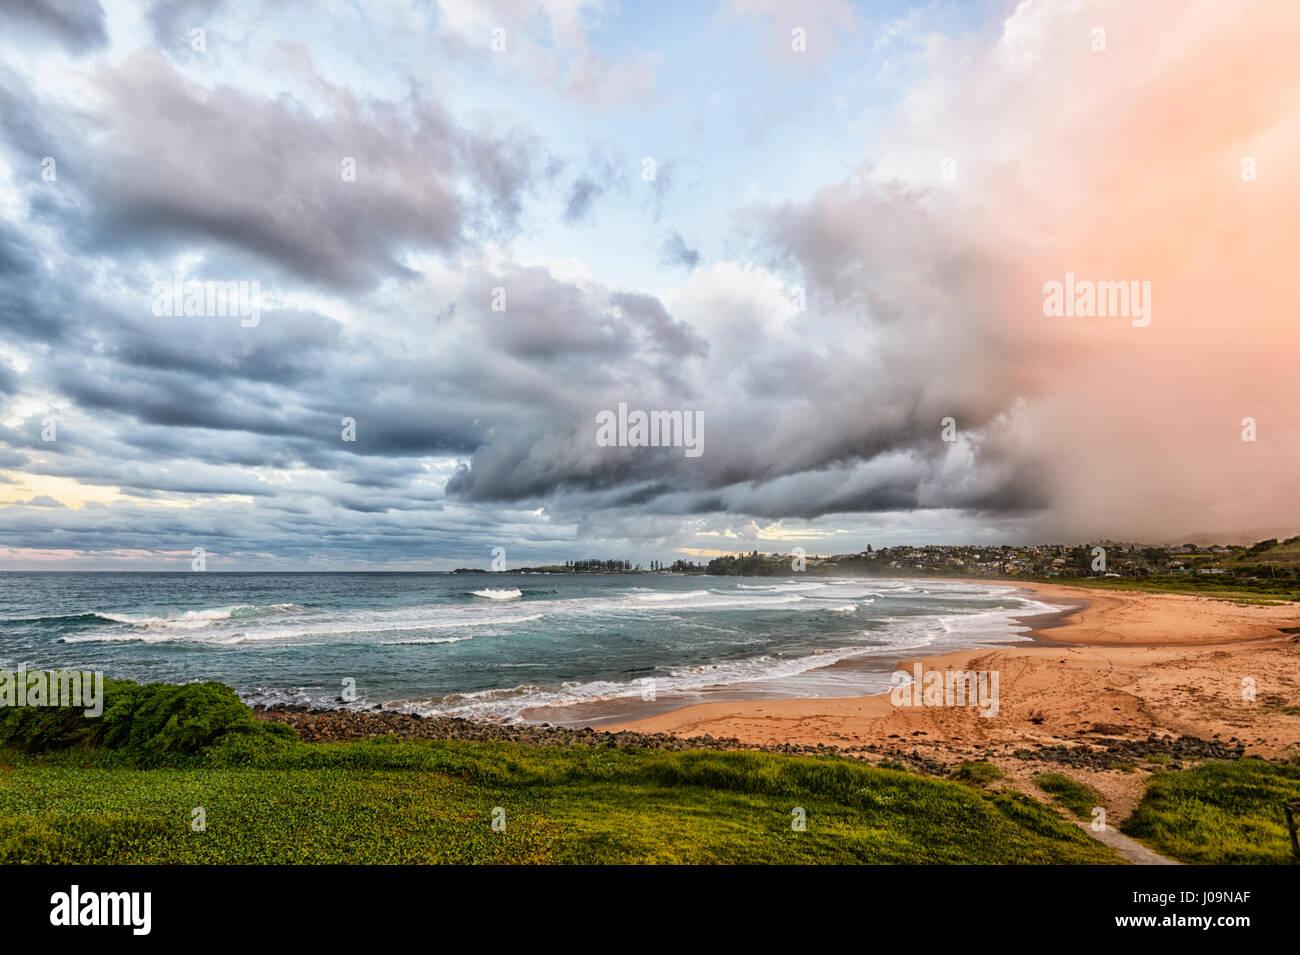 Spectaculaire vue de l'imminence d'une tempête sur la plage de Bombo, Kiama, Côte d'Illawarra, Photo Stock